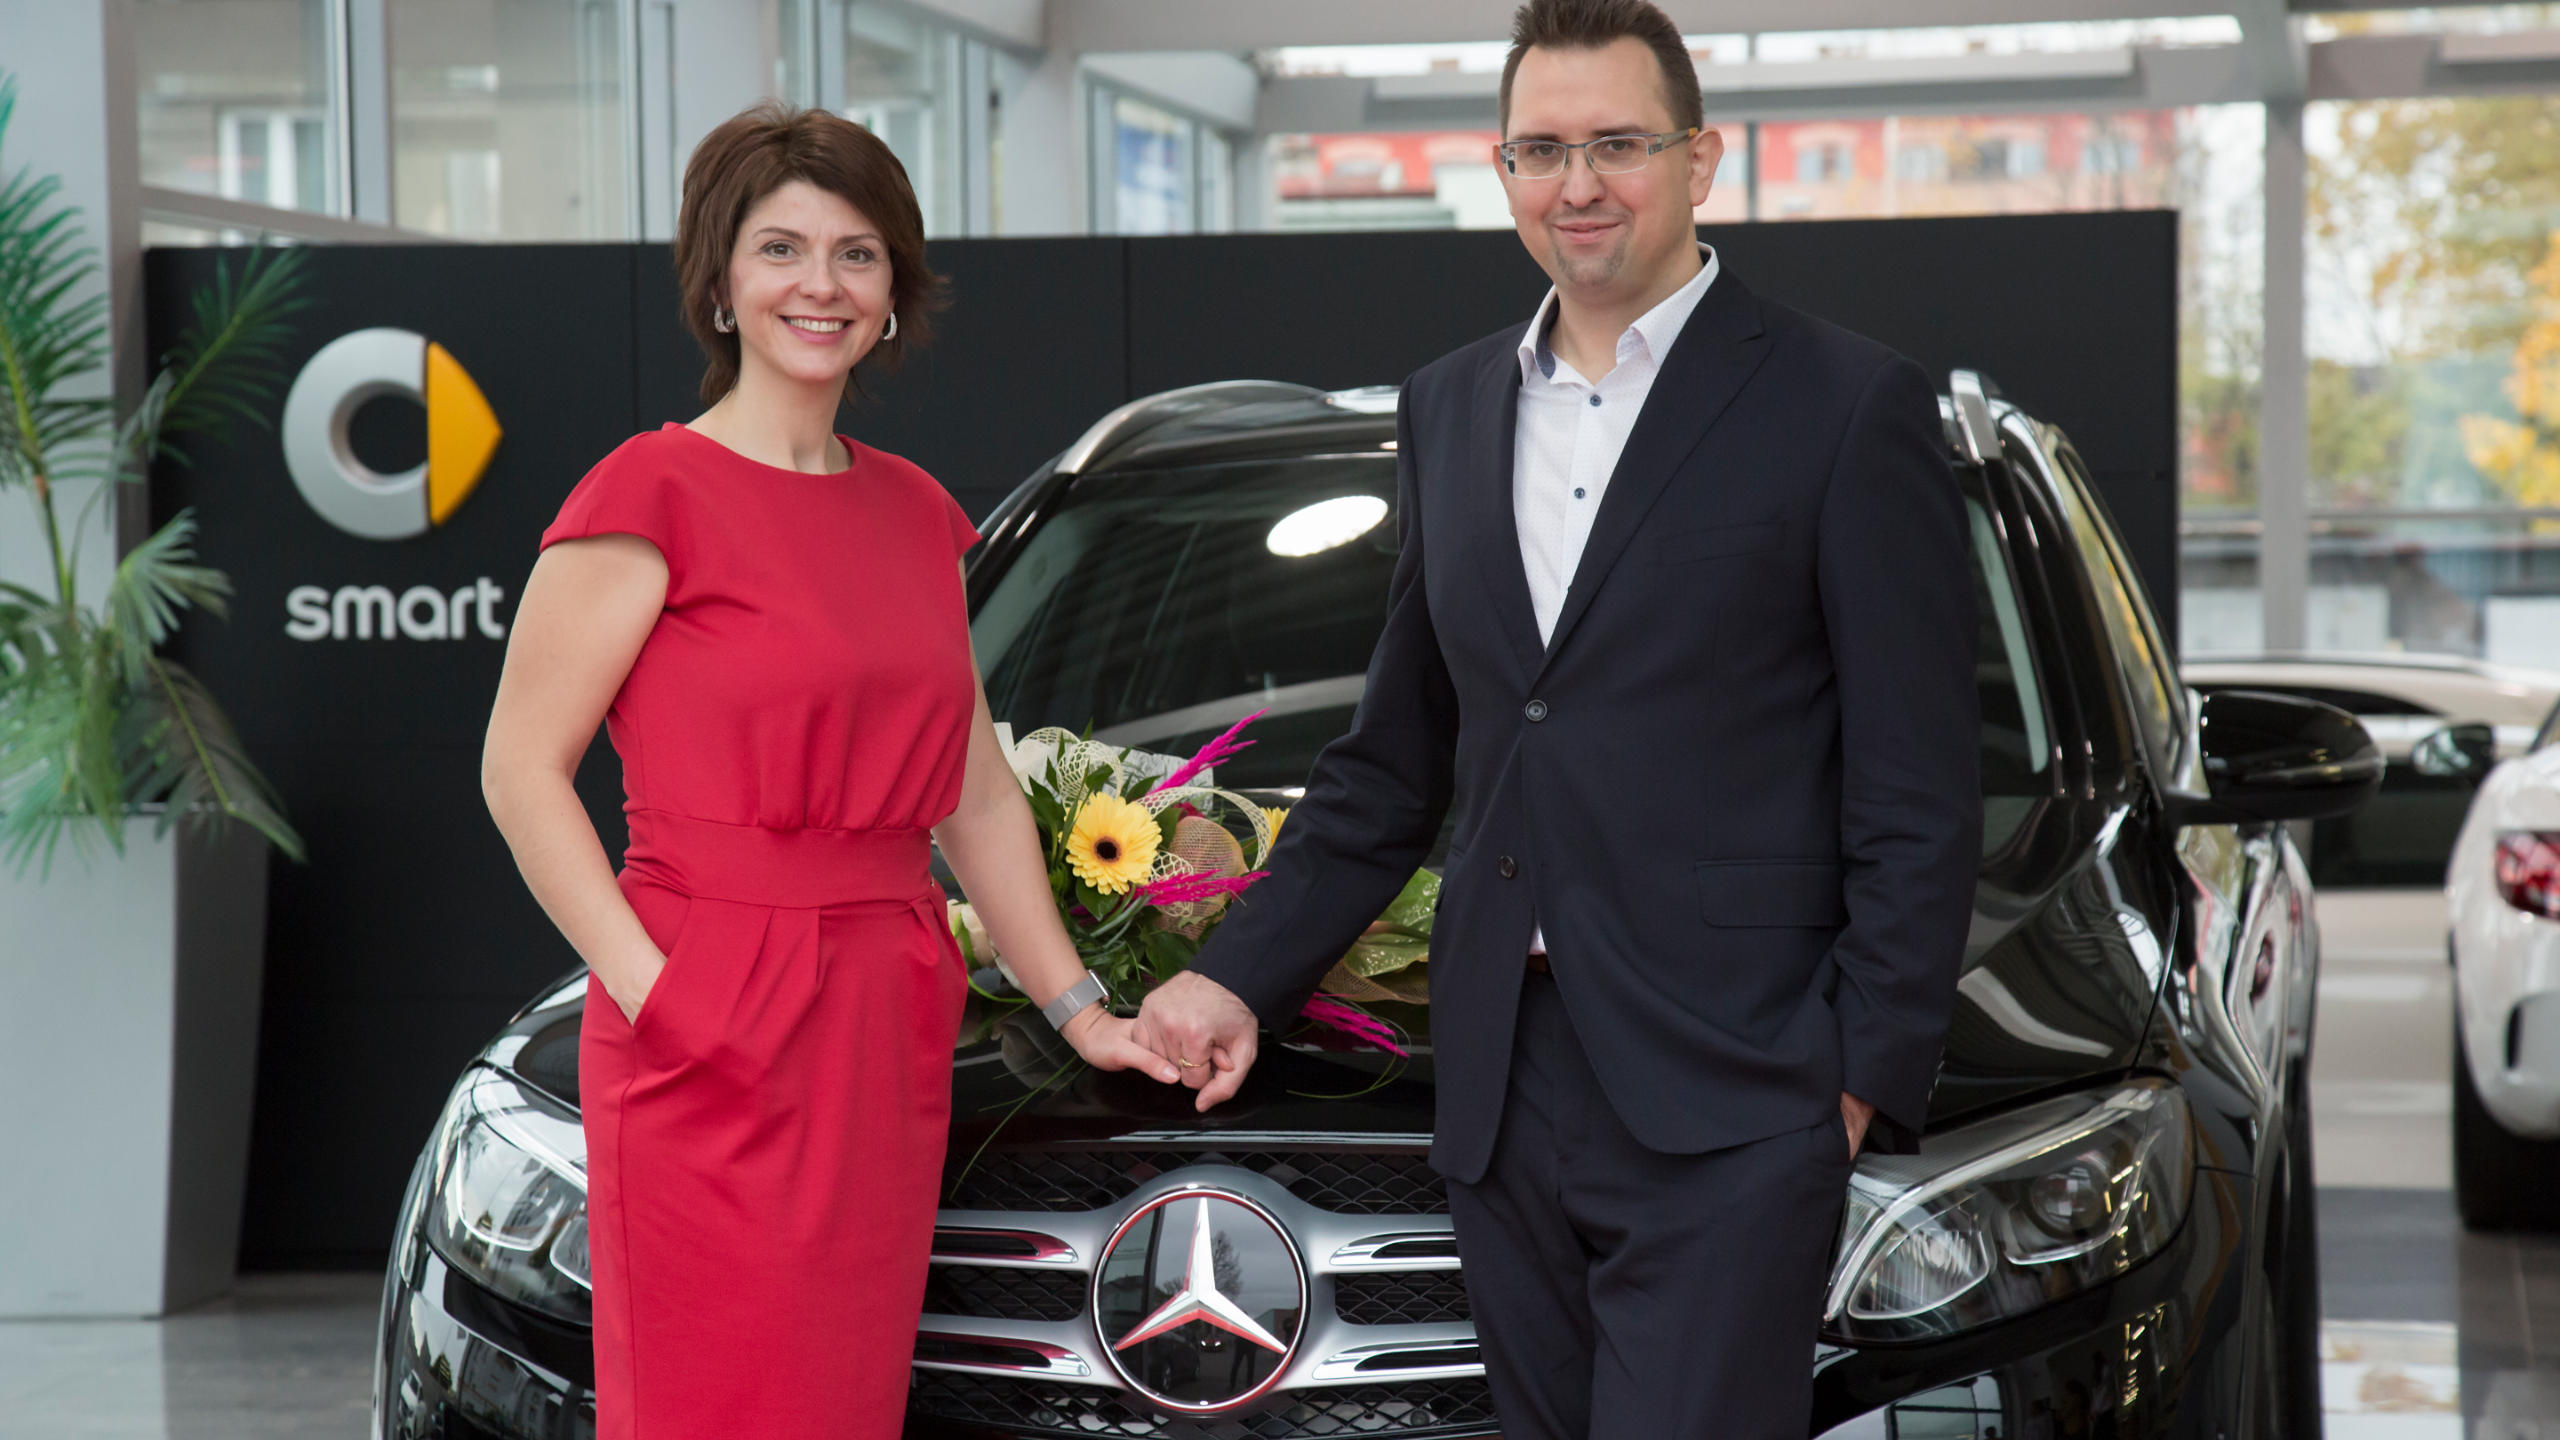 Taková krása! Nový Mercedes Benz GLC 250d 2017 byl včera předán v Ostravě